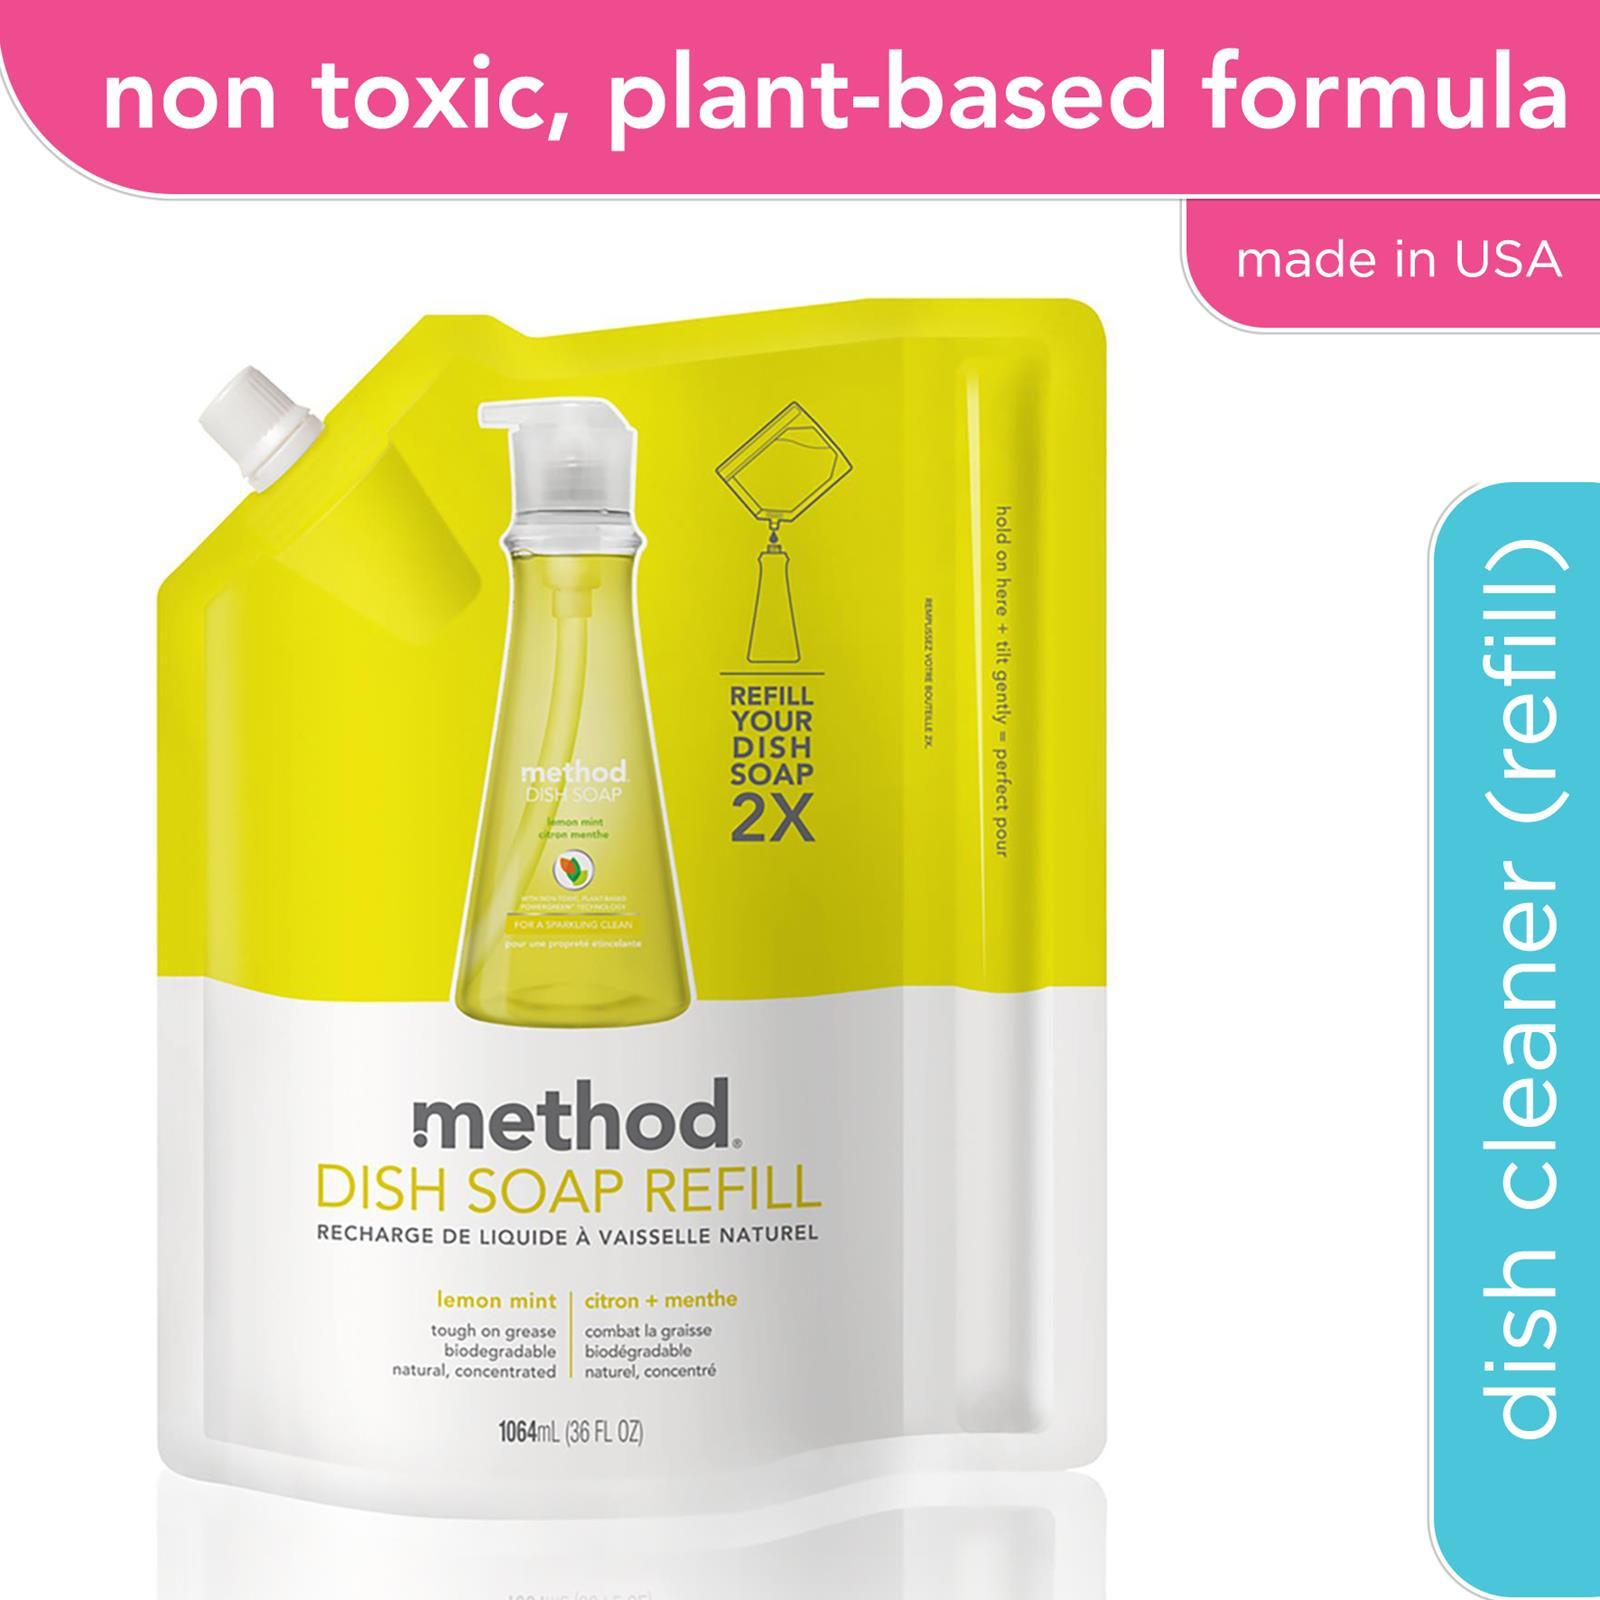 method dish soap refill - lemon mint 1L